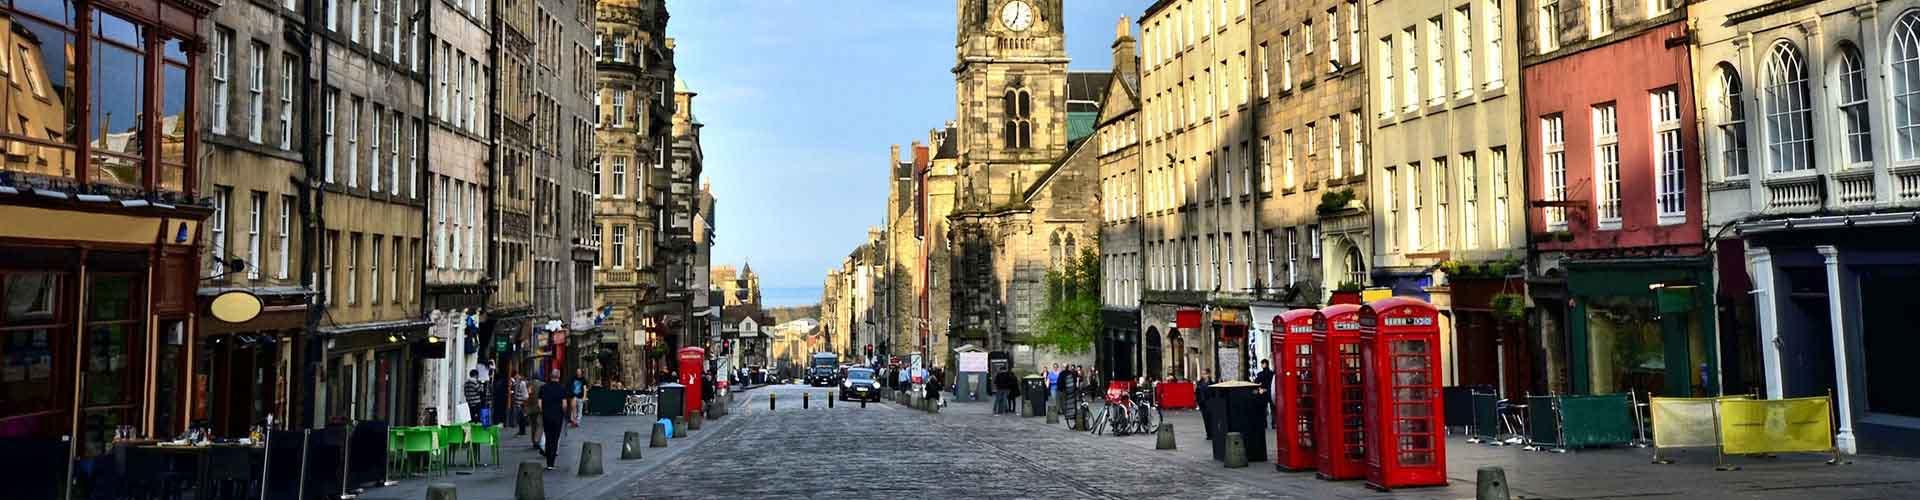 Edimbourg - Chambres pas chères dans le quartier de The Royal Mile. Cartes pour Edimbourg, photos et commentaires pour chaque chambre à Edimbourg.